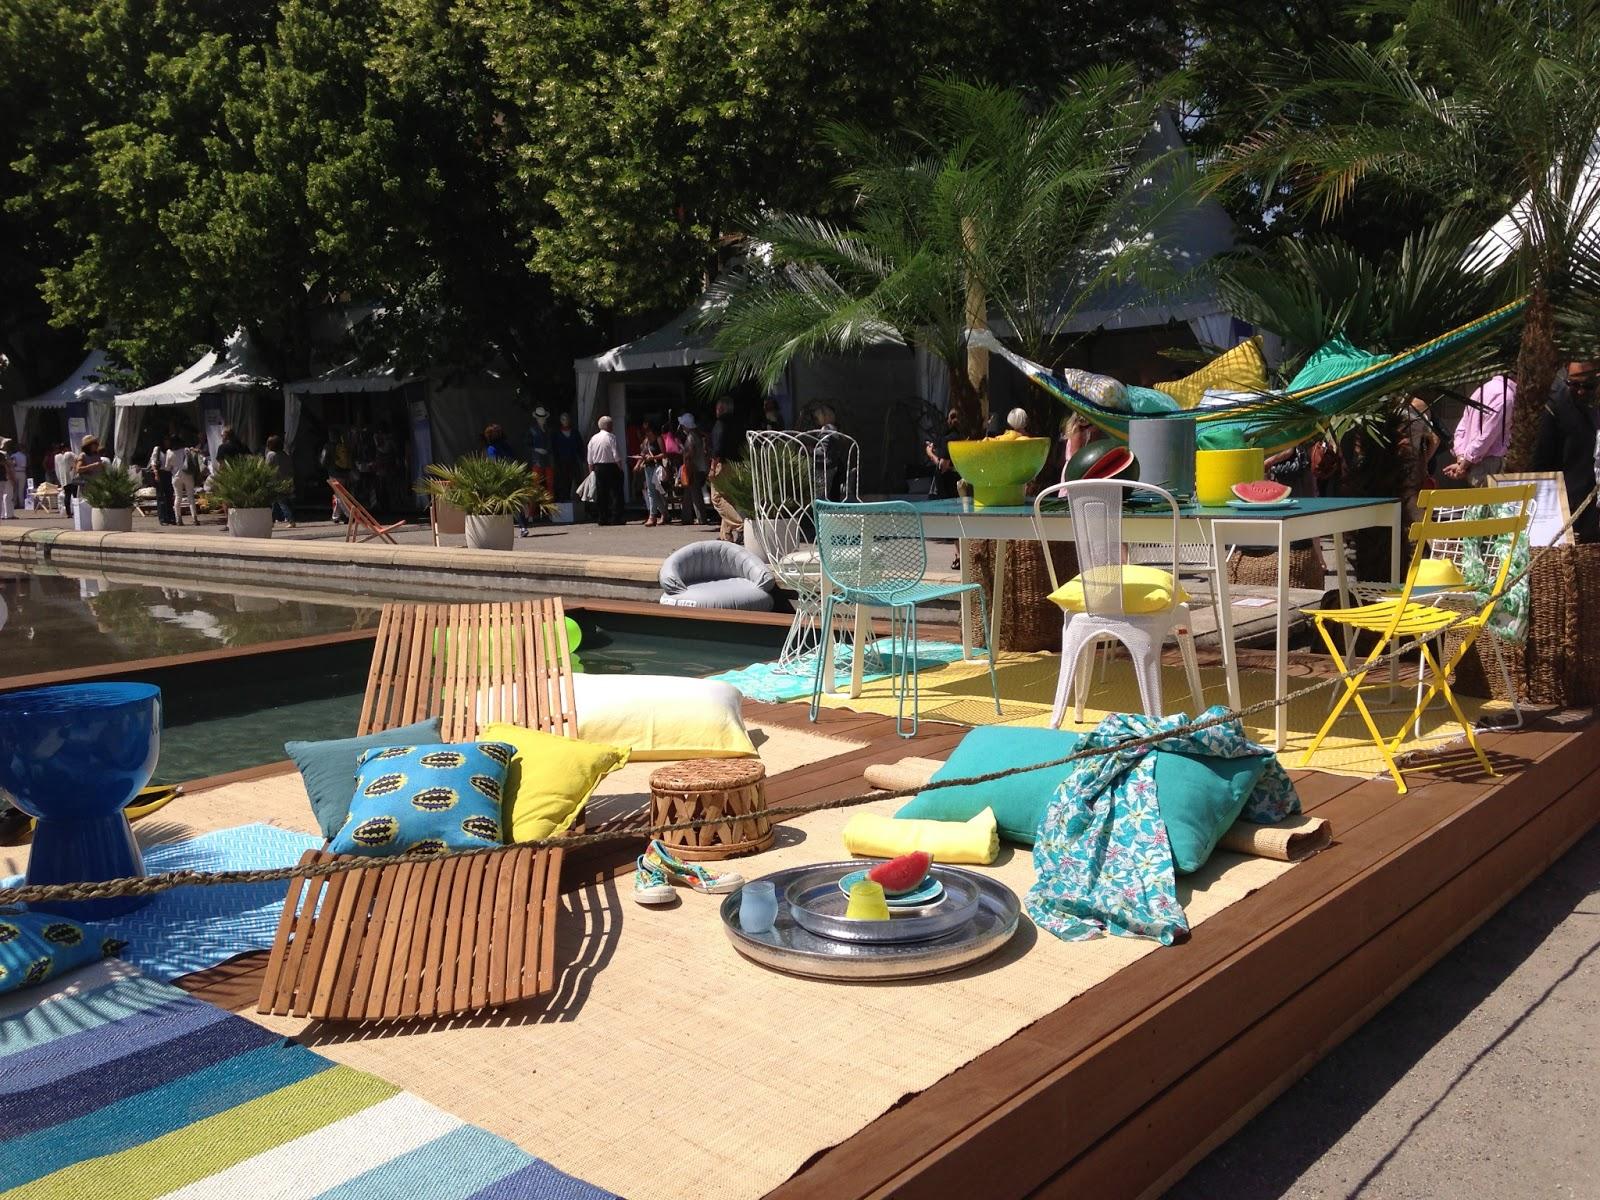 Hypiness salon vivre c t sud aix en provence - Parc jourdan aix en provence ...